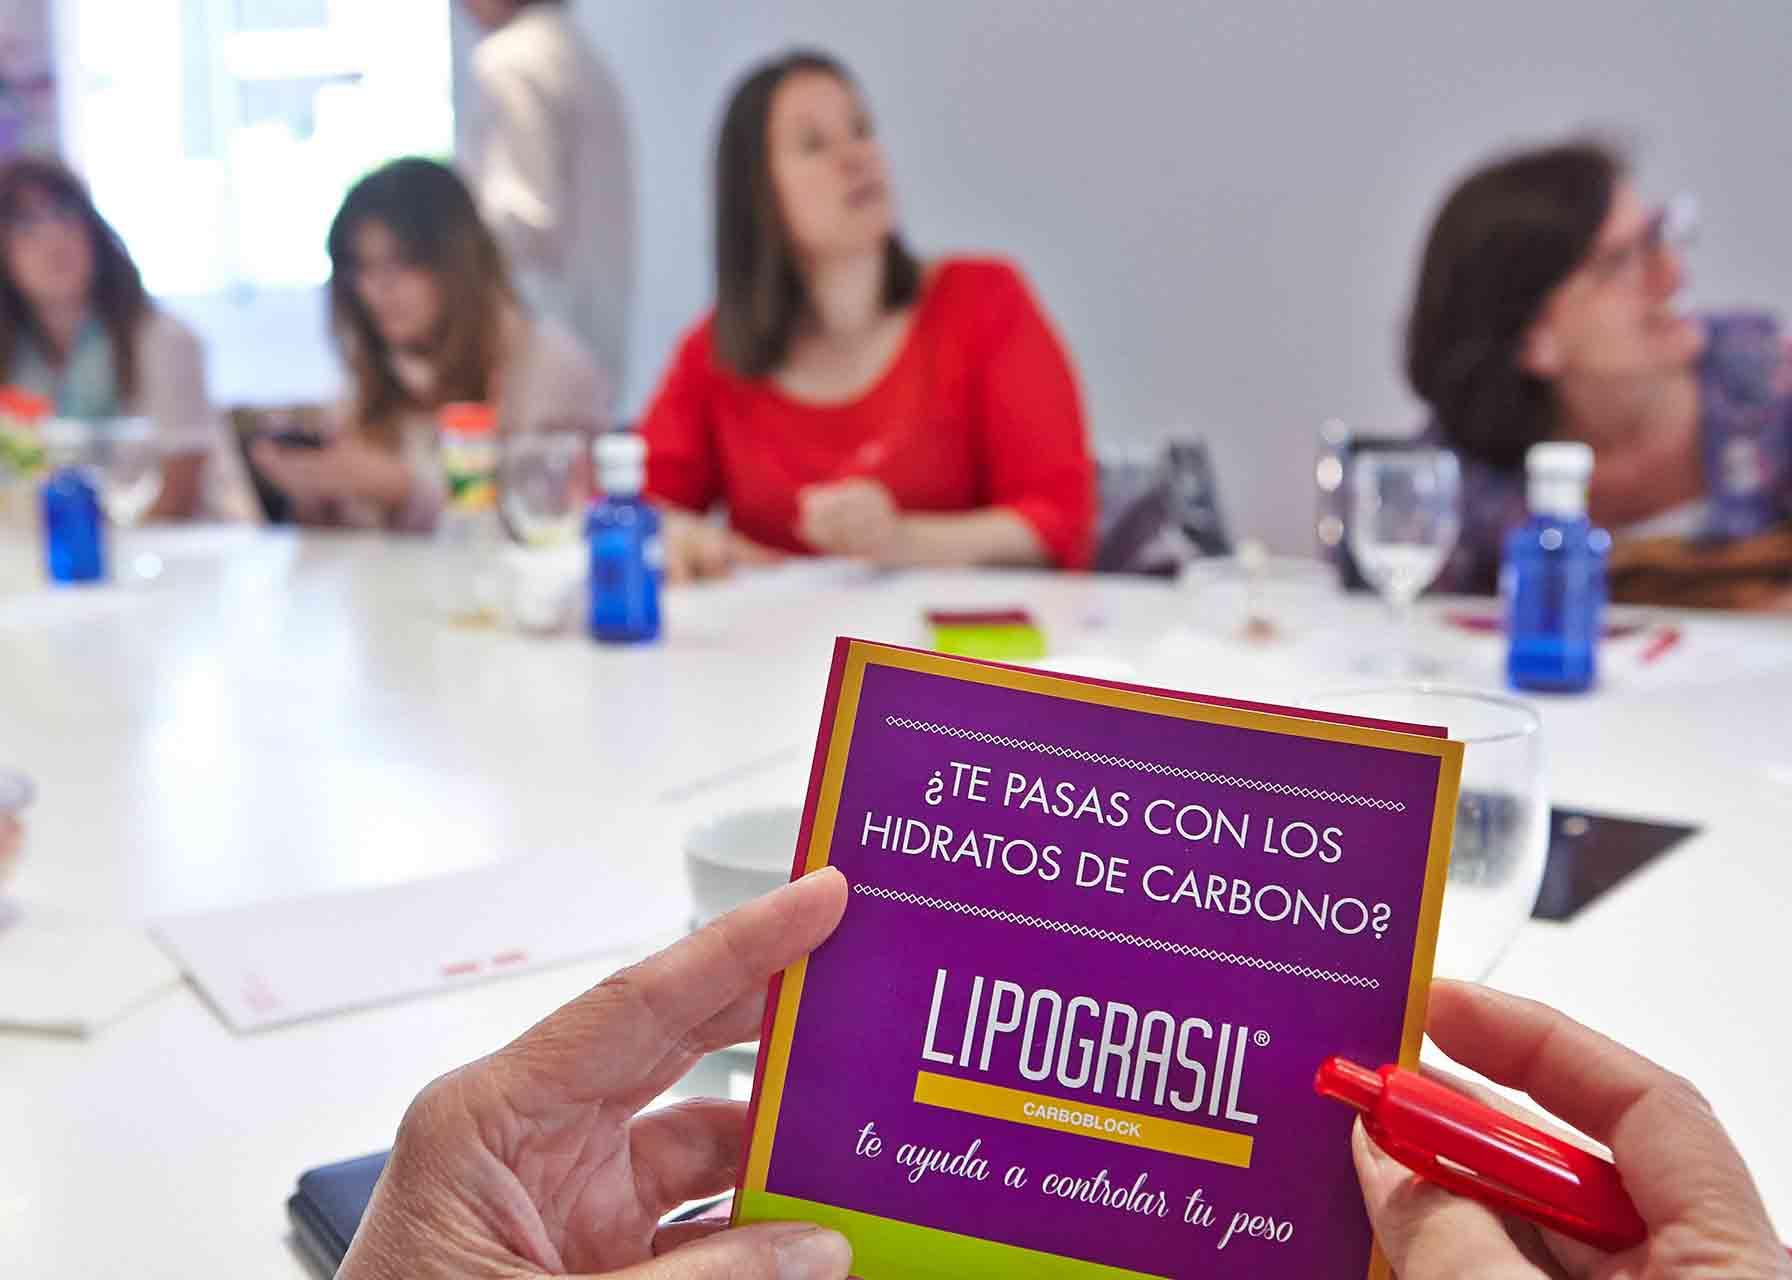 Conferencia que dió Lipograsil sobre nutrición y hábitos alimenticios aprovechando el lanzamiento de un nuevo producto